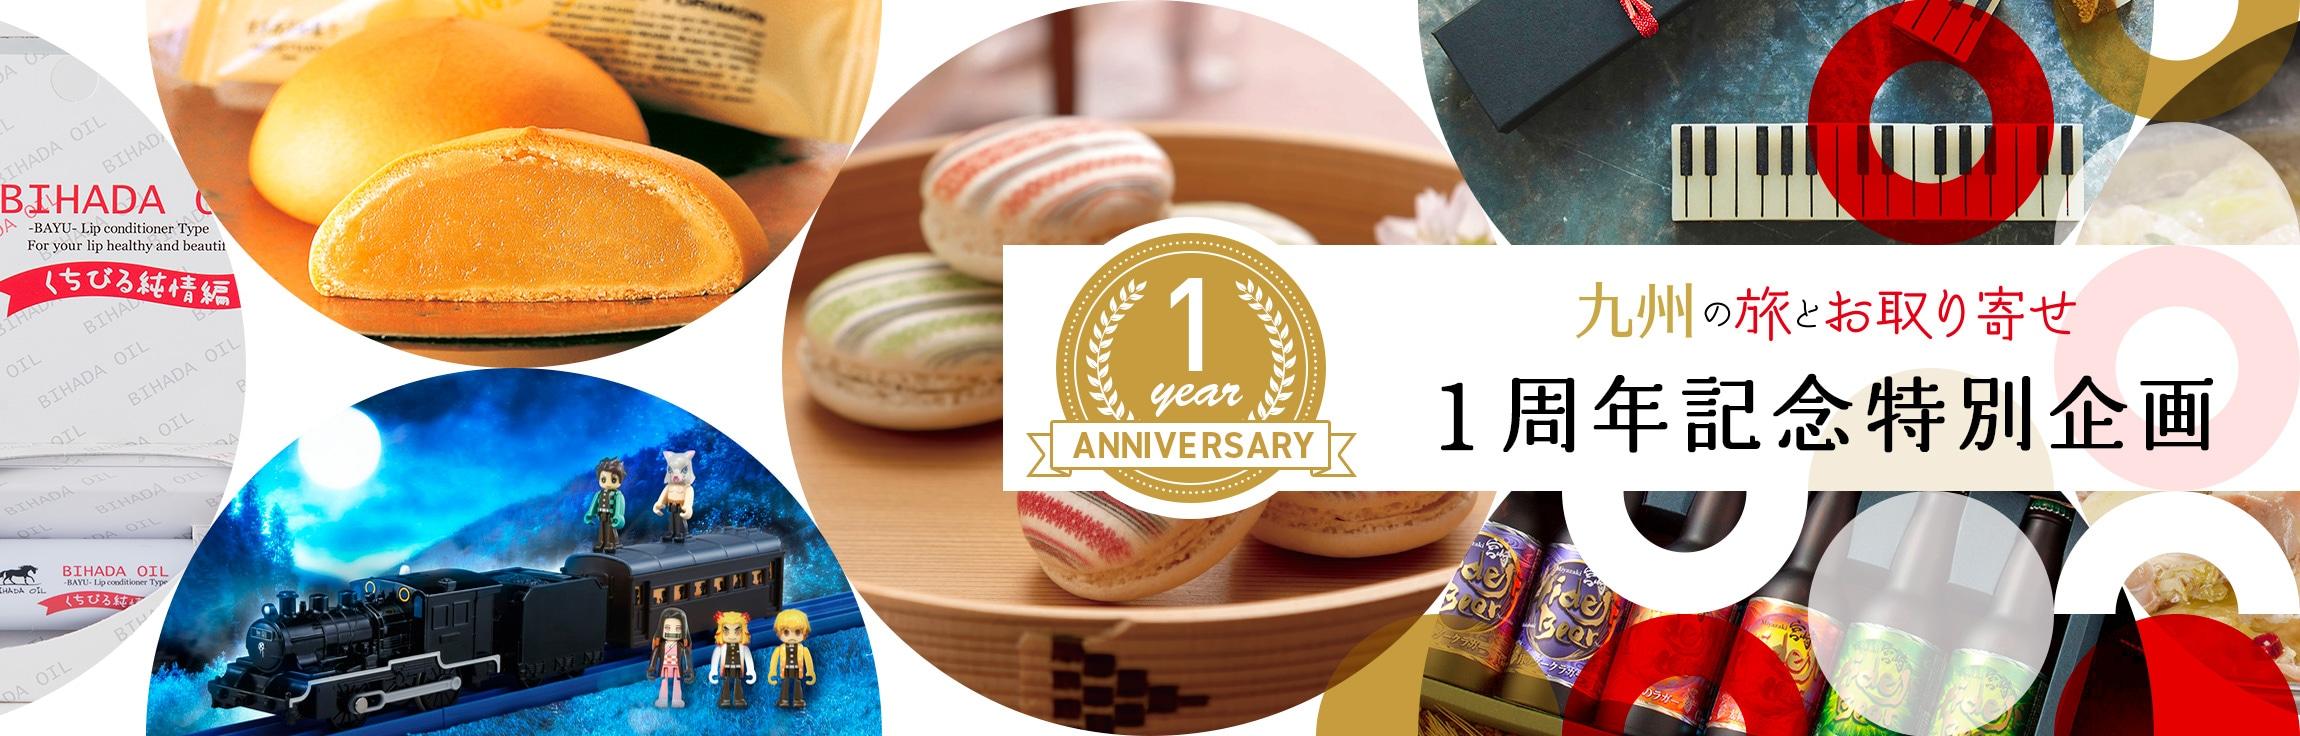 九州の旅とお取り寄せ 1周年記念特別企画